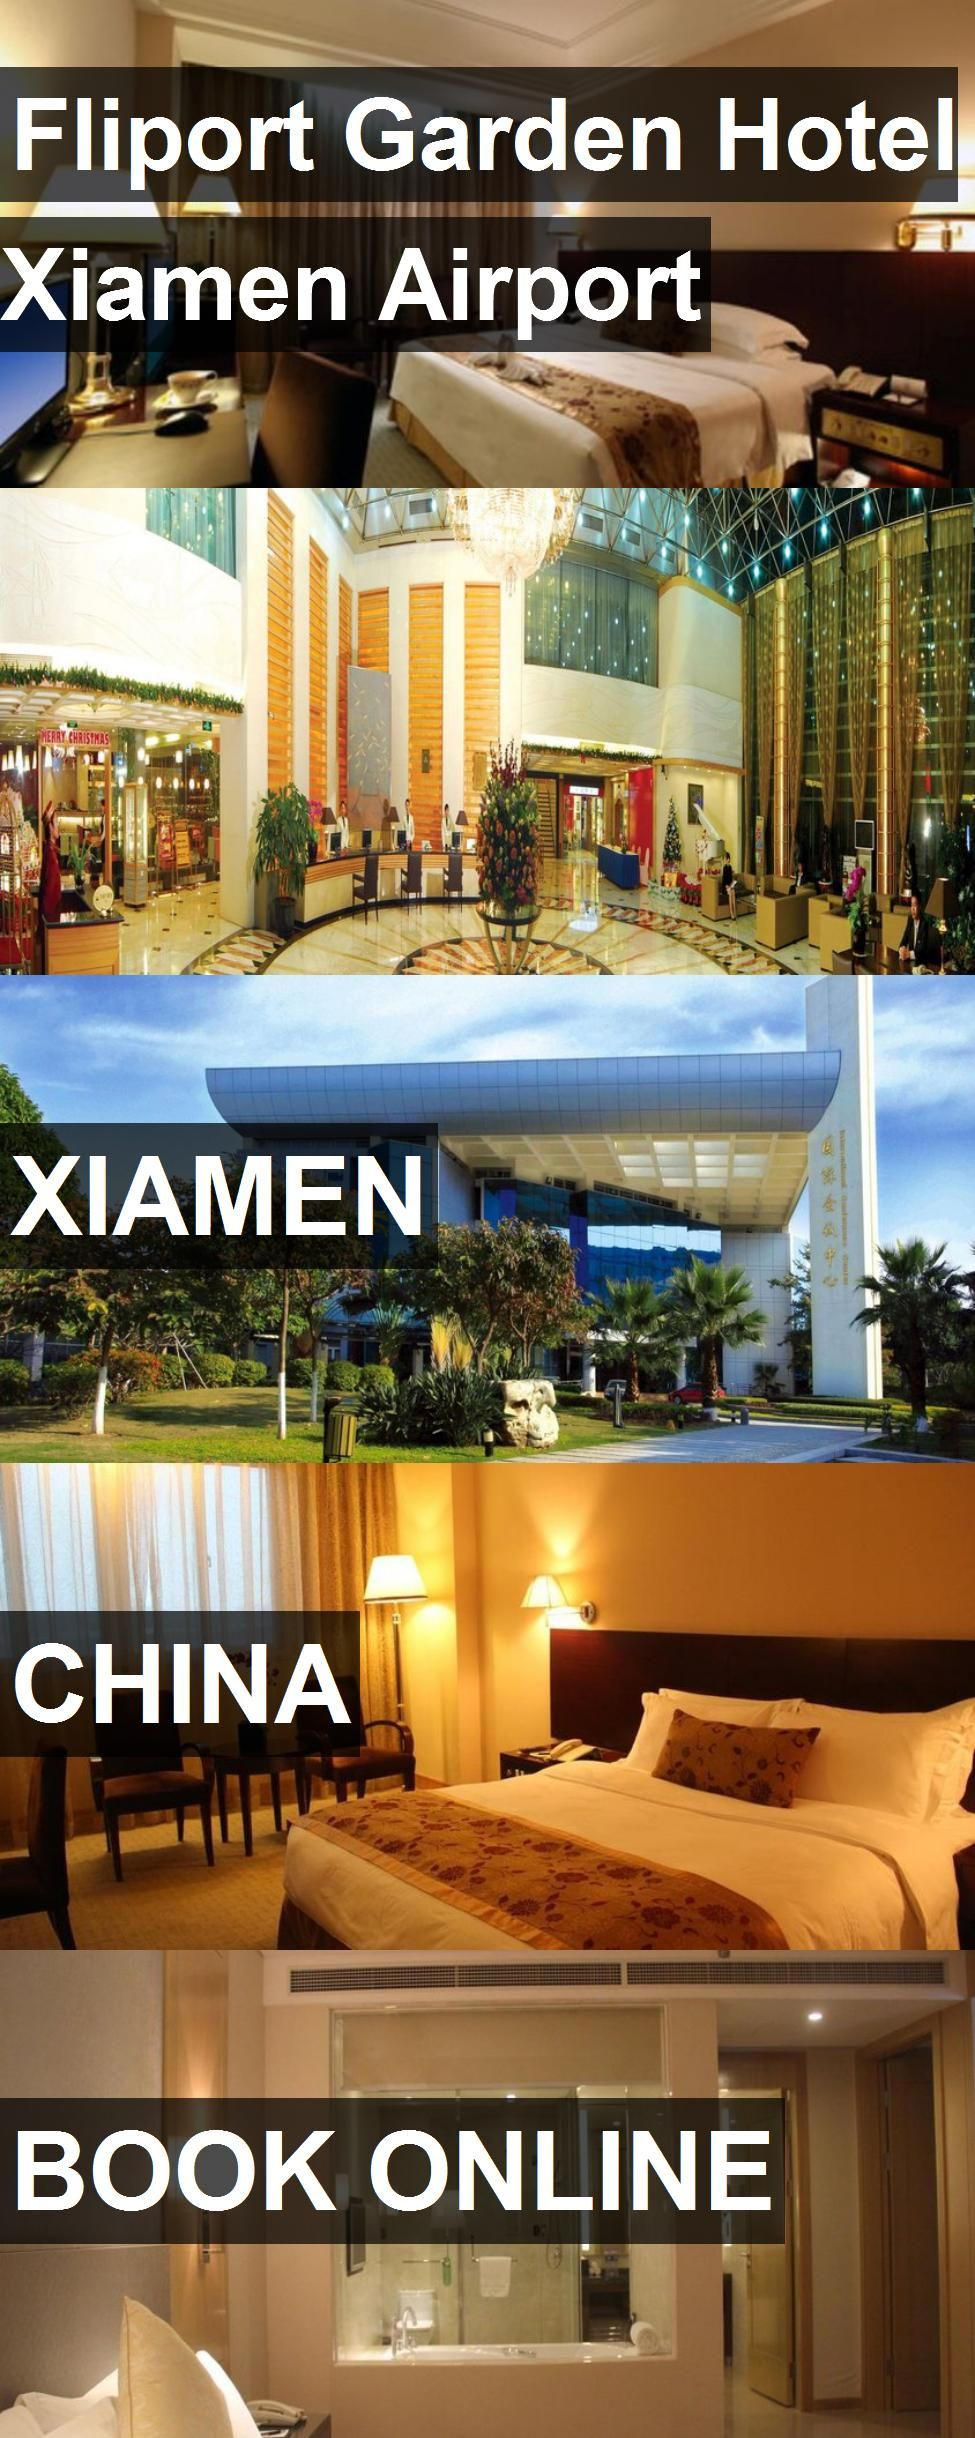 Fliport Garden Hotel Xiamen Airport in Xiamen, China. For